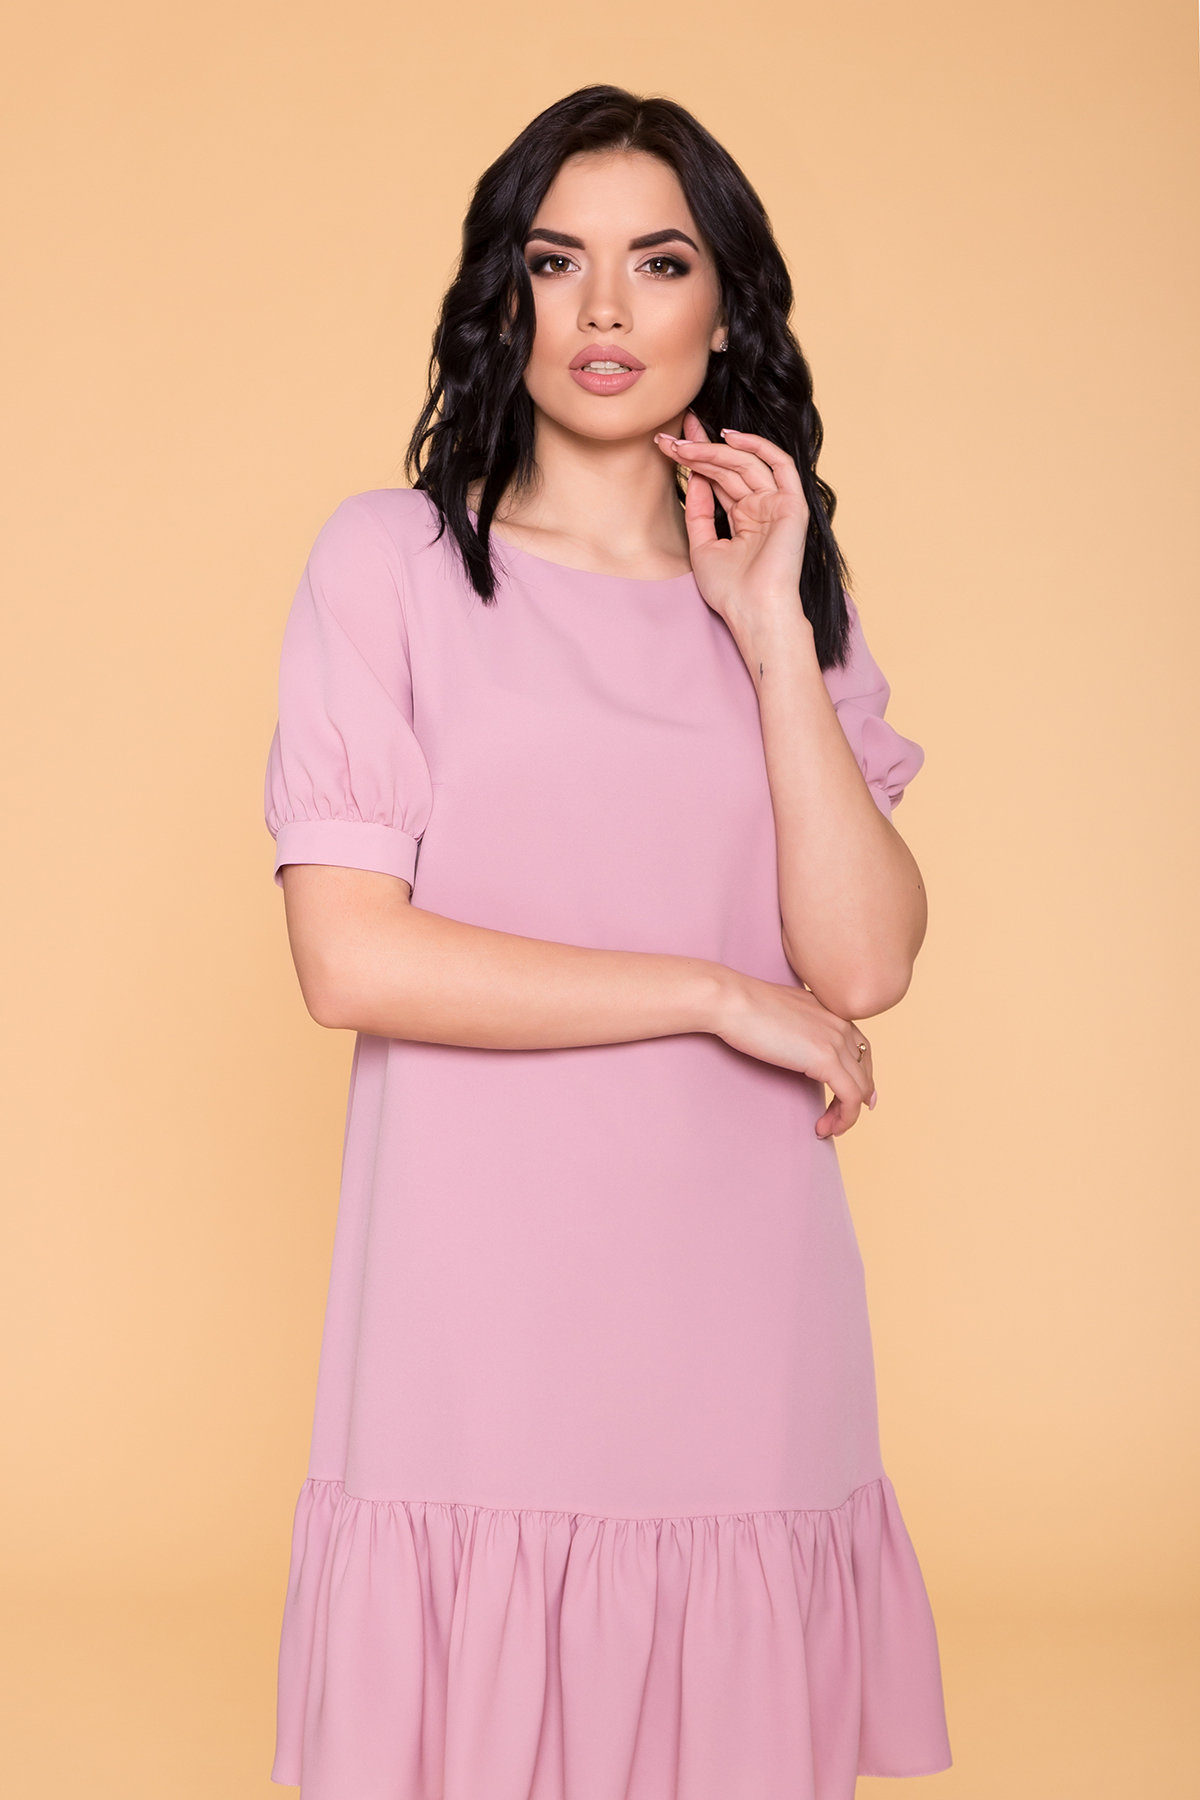 Платье Алиби 6730 АРТ. 41878 Цвет: Серо-розовый 007 - фото 3, интернет магазин tm-modus.ru